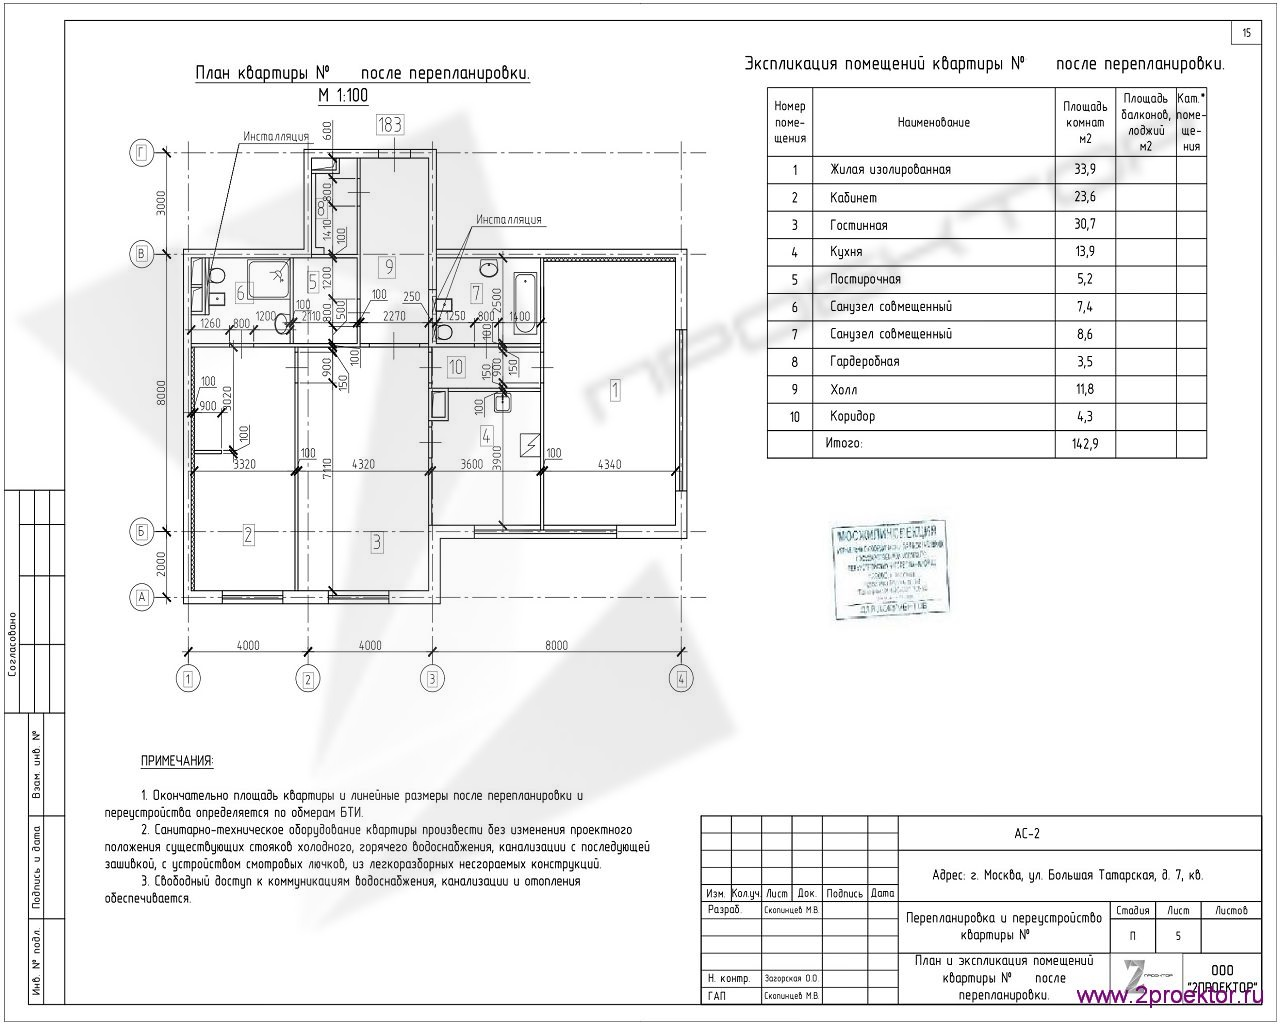 Вариант планировки квартиры в Жилом комплексе Четыре солнца, разработанный специалистами ООО «2Проектор» и согласованный Мосжилинспекцией.